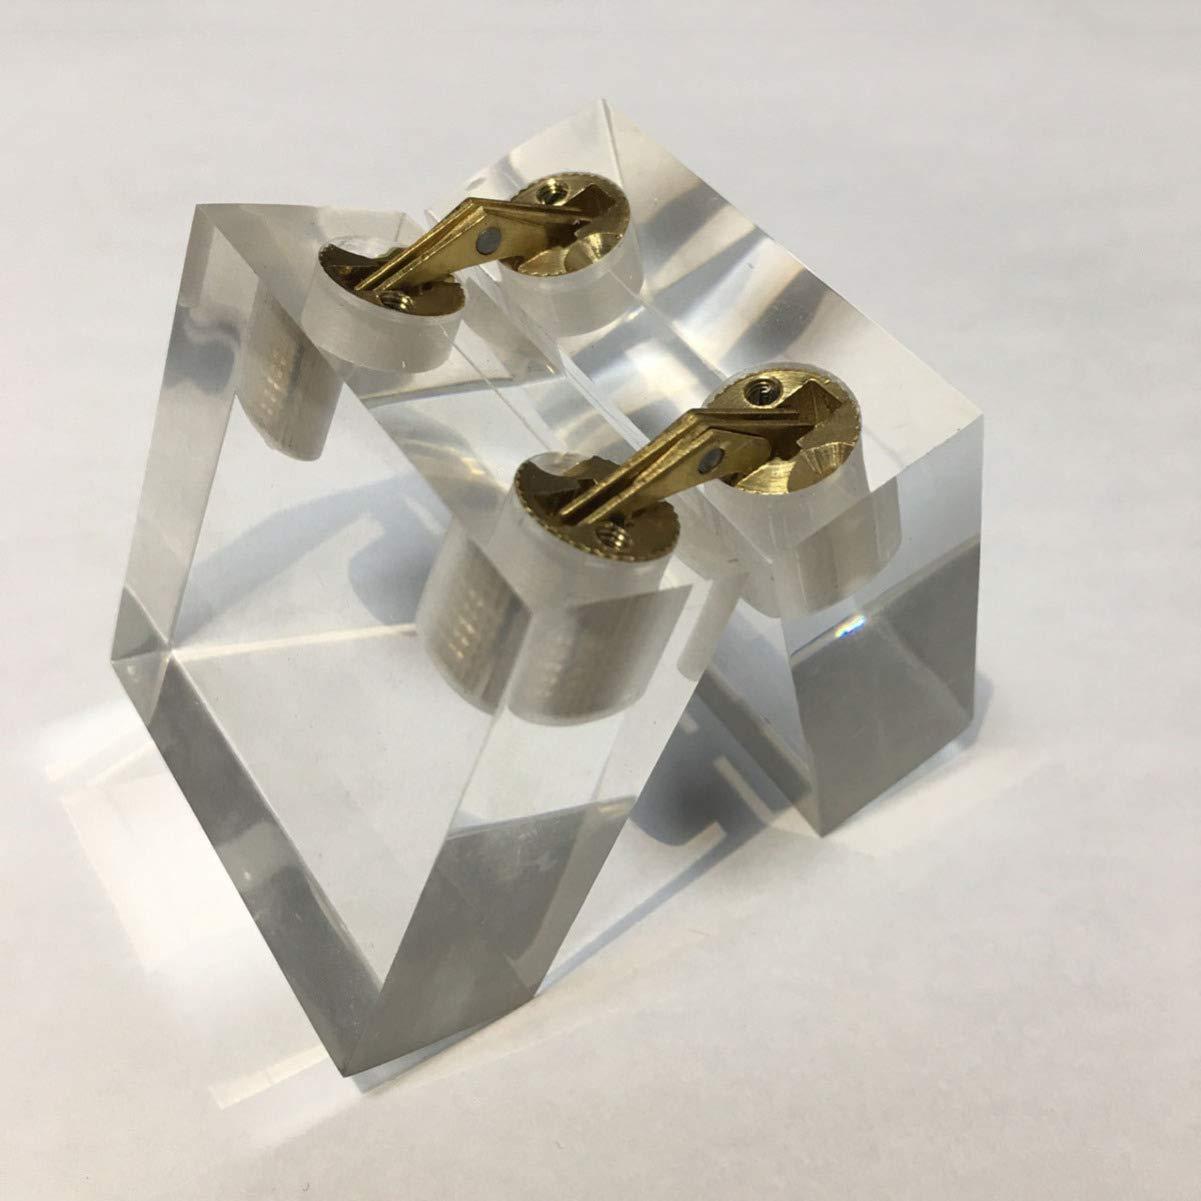 14 mm DOITOOL Bisagras de barril de lat/ón de 4 piezas bisagras de caja de joyer/ía peque/ña bisagras ocultas invisibles ocultas para muebles